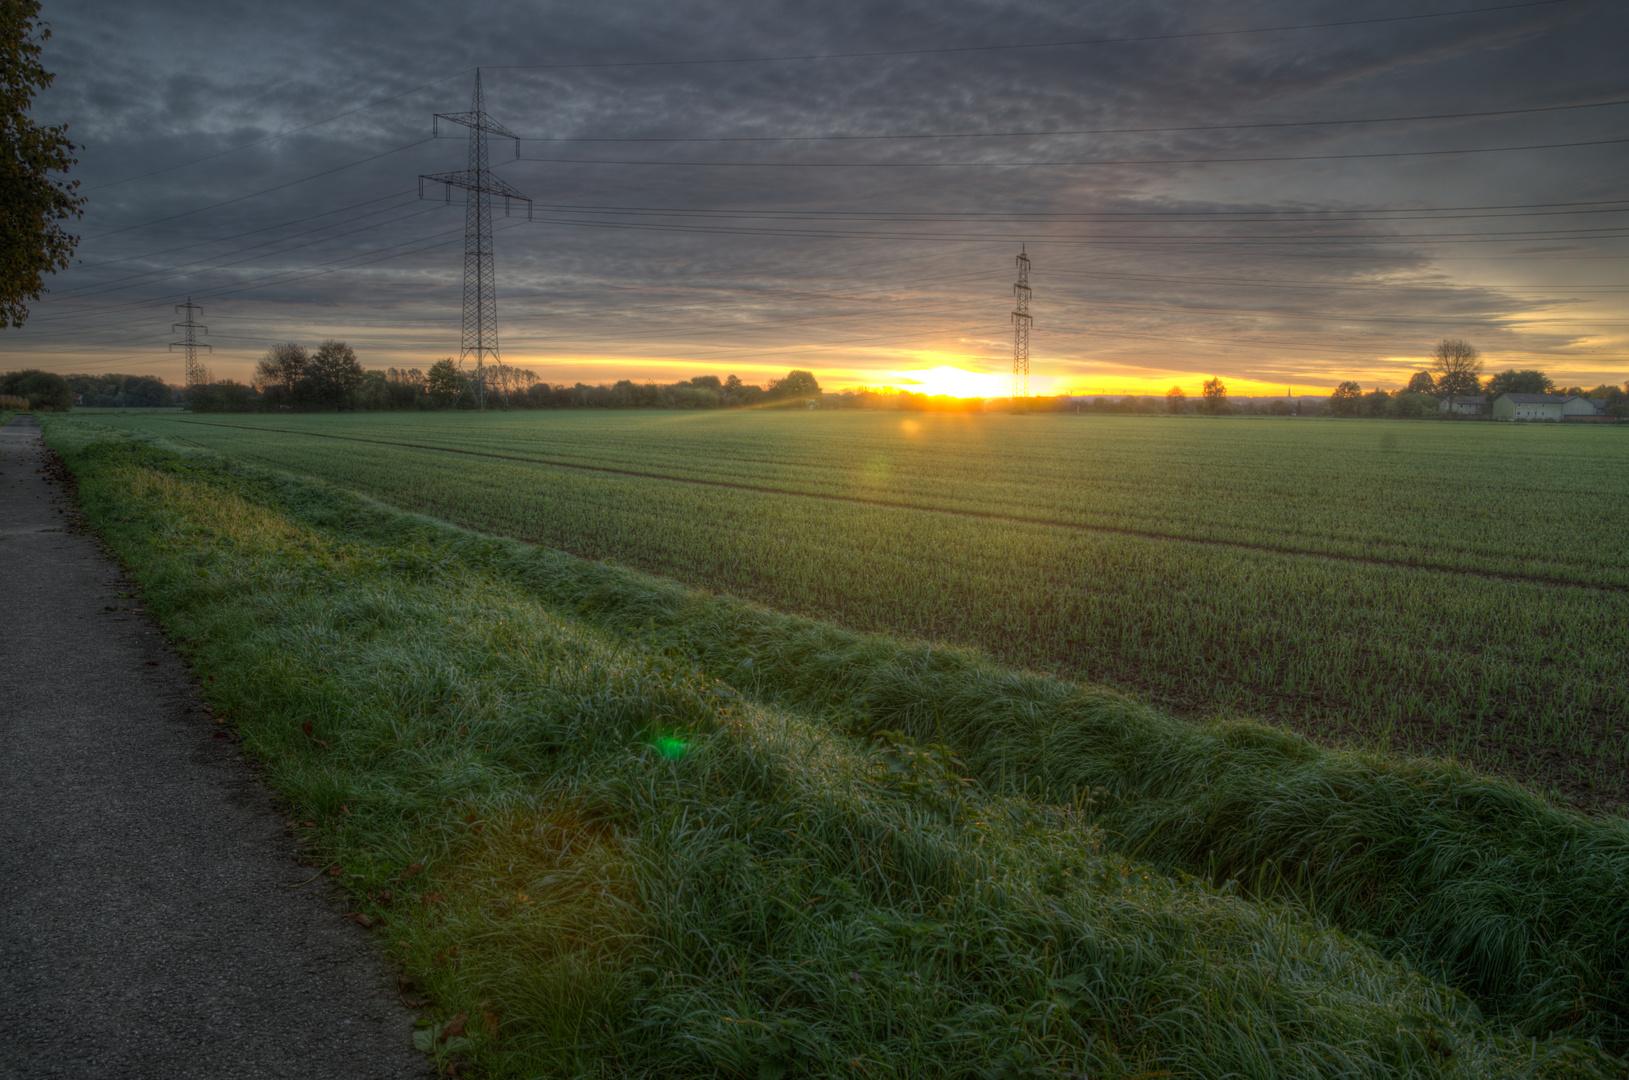 Sonnenaufgang in Kamen-Methler (Wasserkurl)